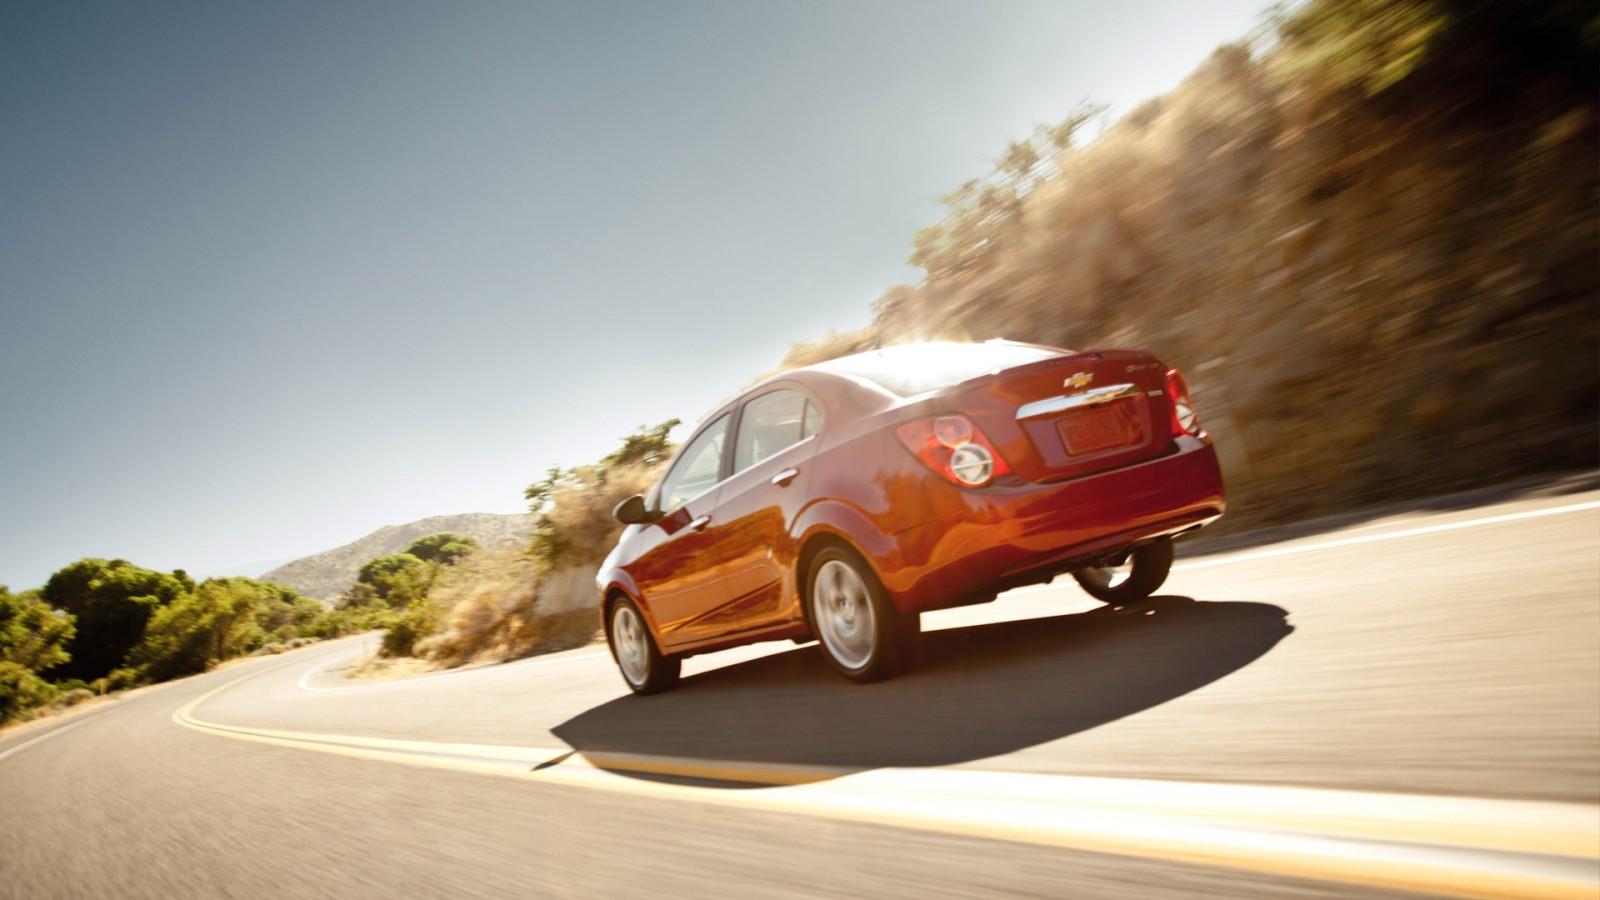 New Chevrolet Sonic Exterior image 2